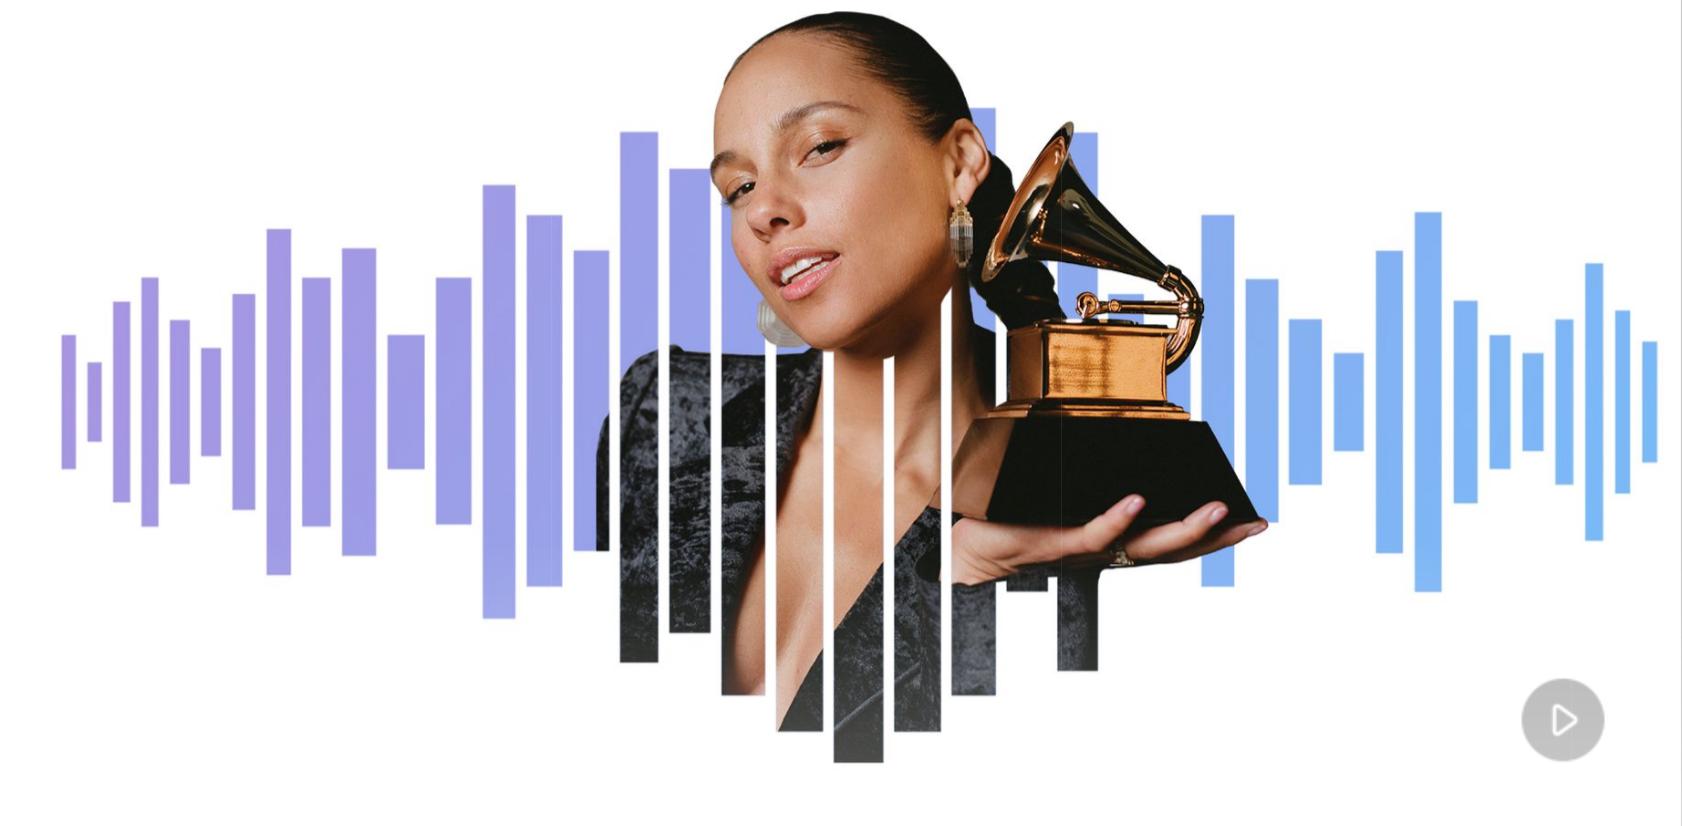 """Chỉ mới công bố host, Grammy 2019 đã được khen nức nở vì biết """"chọn mặt gửi vàng"""" - Ảnh 1."""